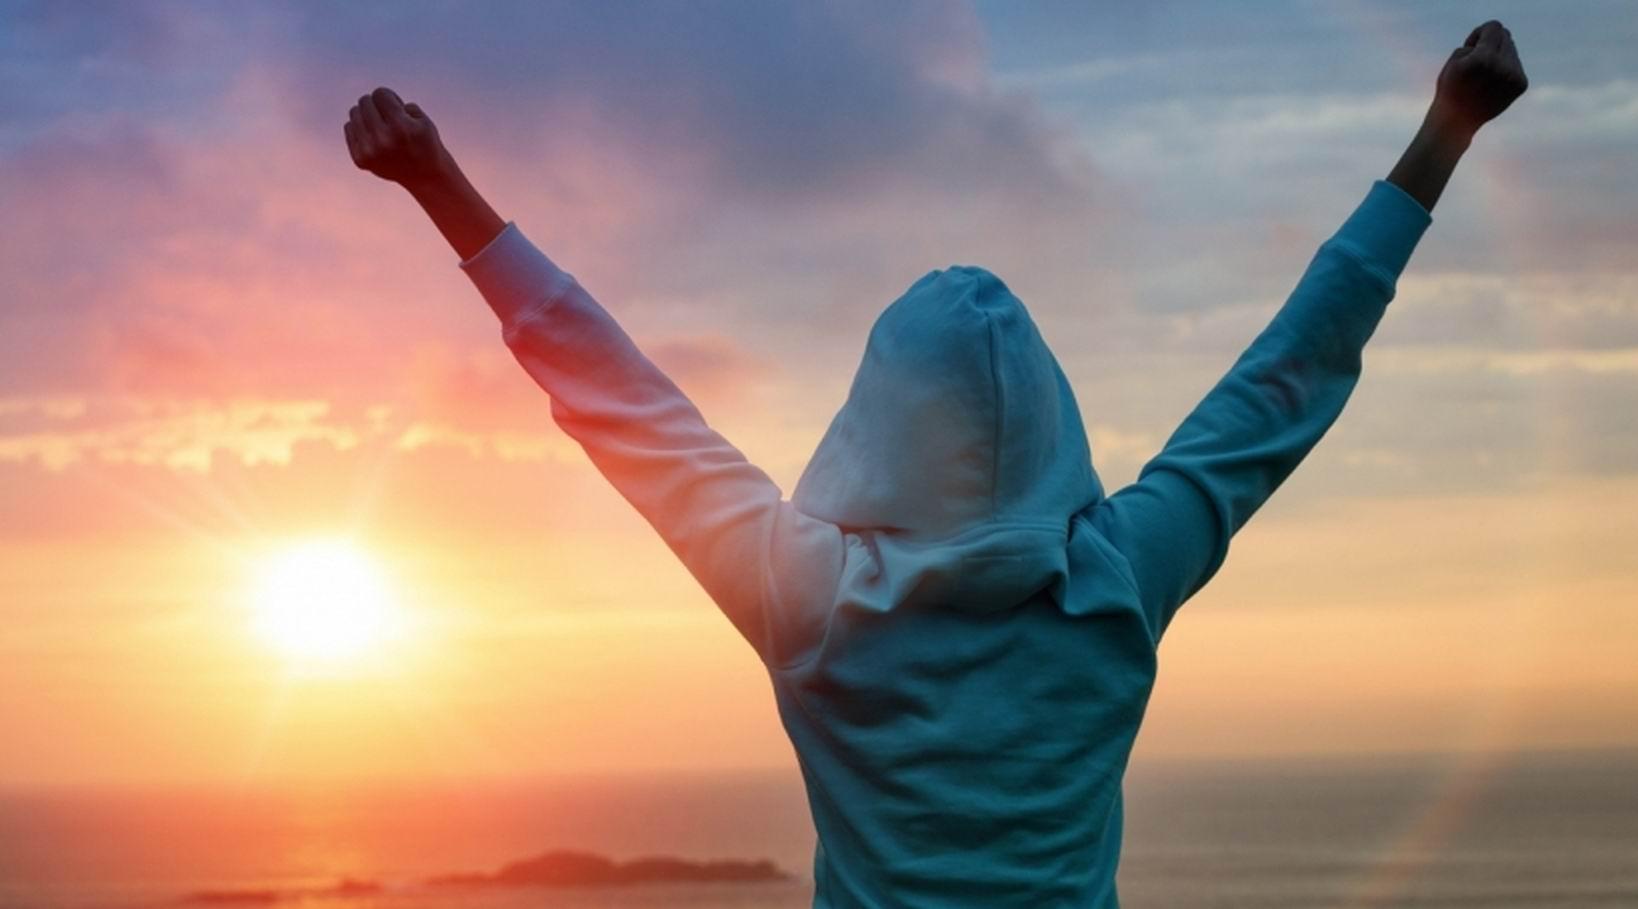 Le vrai succès, celui qui mène au bonheur durable, c'est d'avoir la certitude que nous sommes alignés avec notre cœur, c'est-à-dire, que les désirs de notre intellect soient les mêmes que les désirs profonds de notre Essence. C'est de connaitre la joie et la paix de savoir que nous sommes à notre place, et que tout est parfait, maintenant.